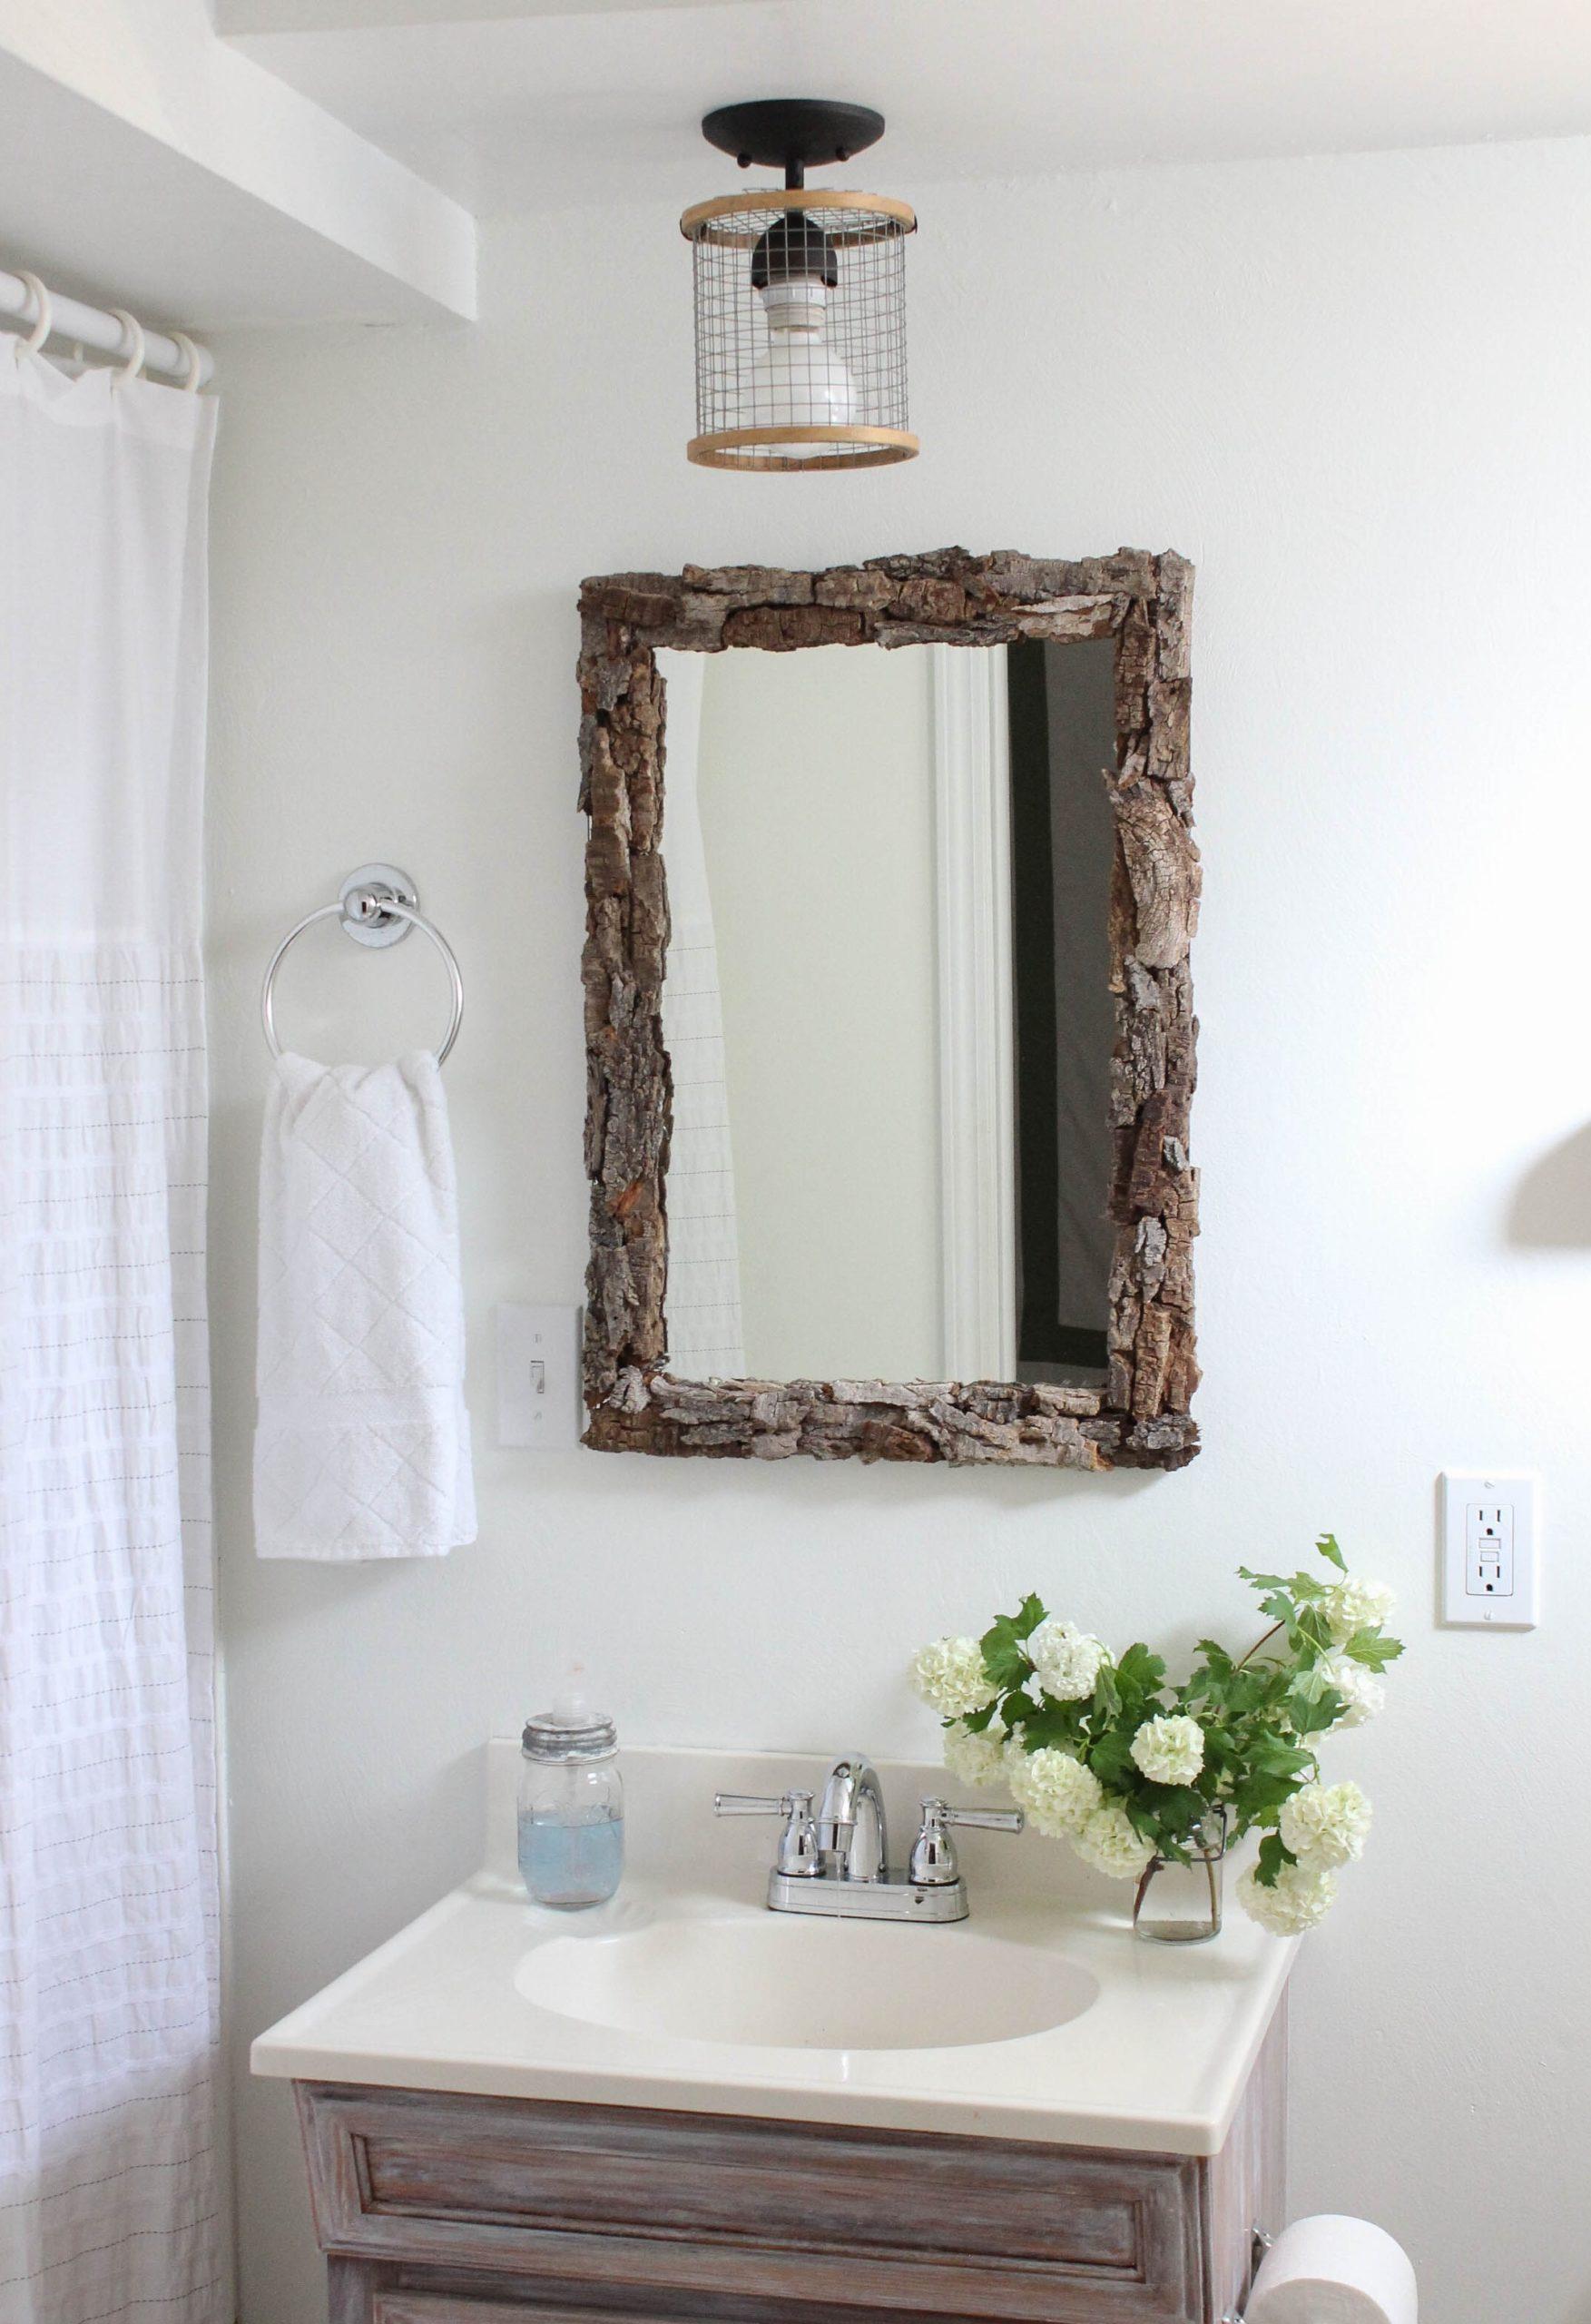 Cadre pour miroir en bois.